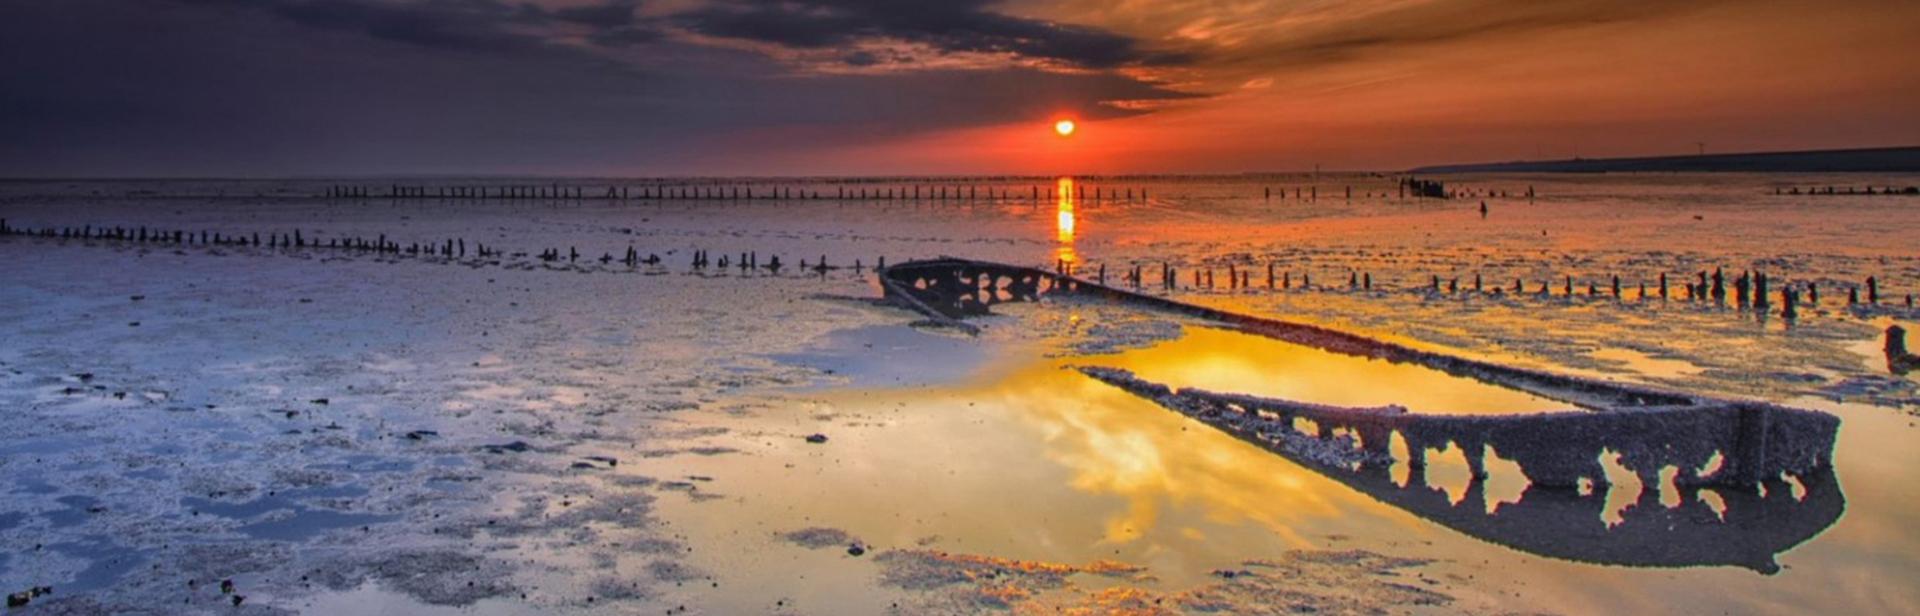 stempagina fotowedstrijd van It Fryske Gea